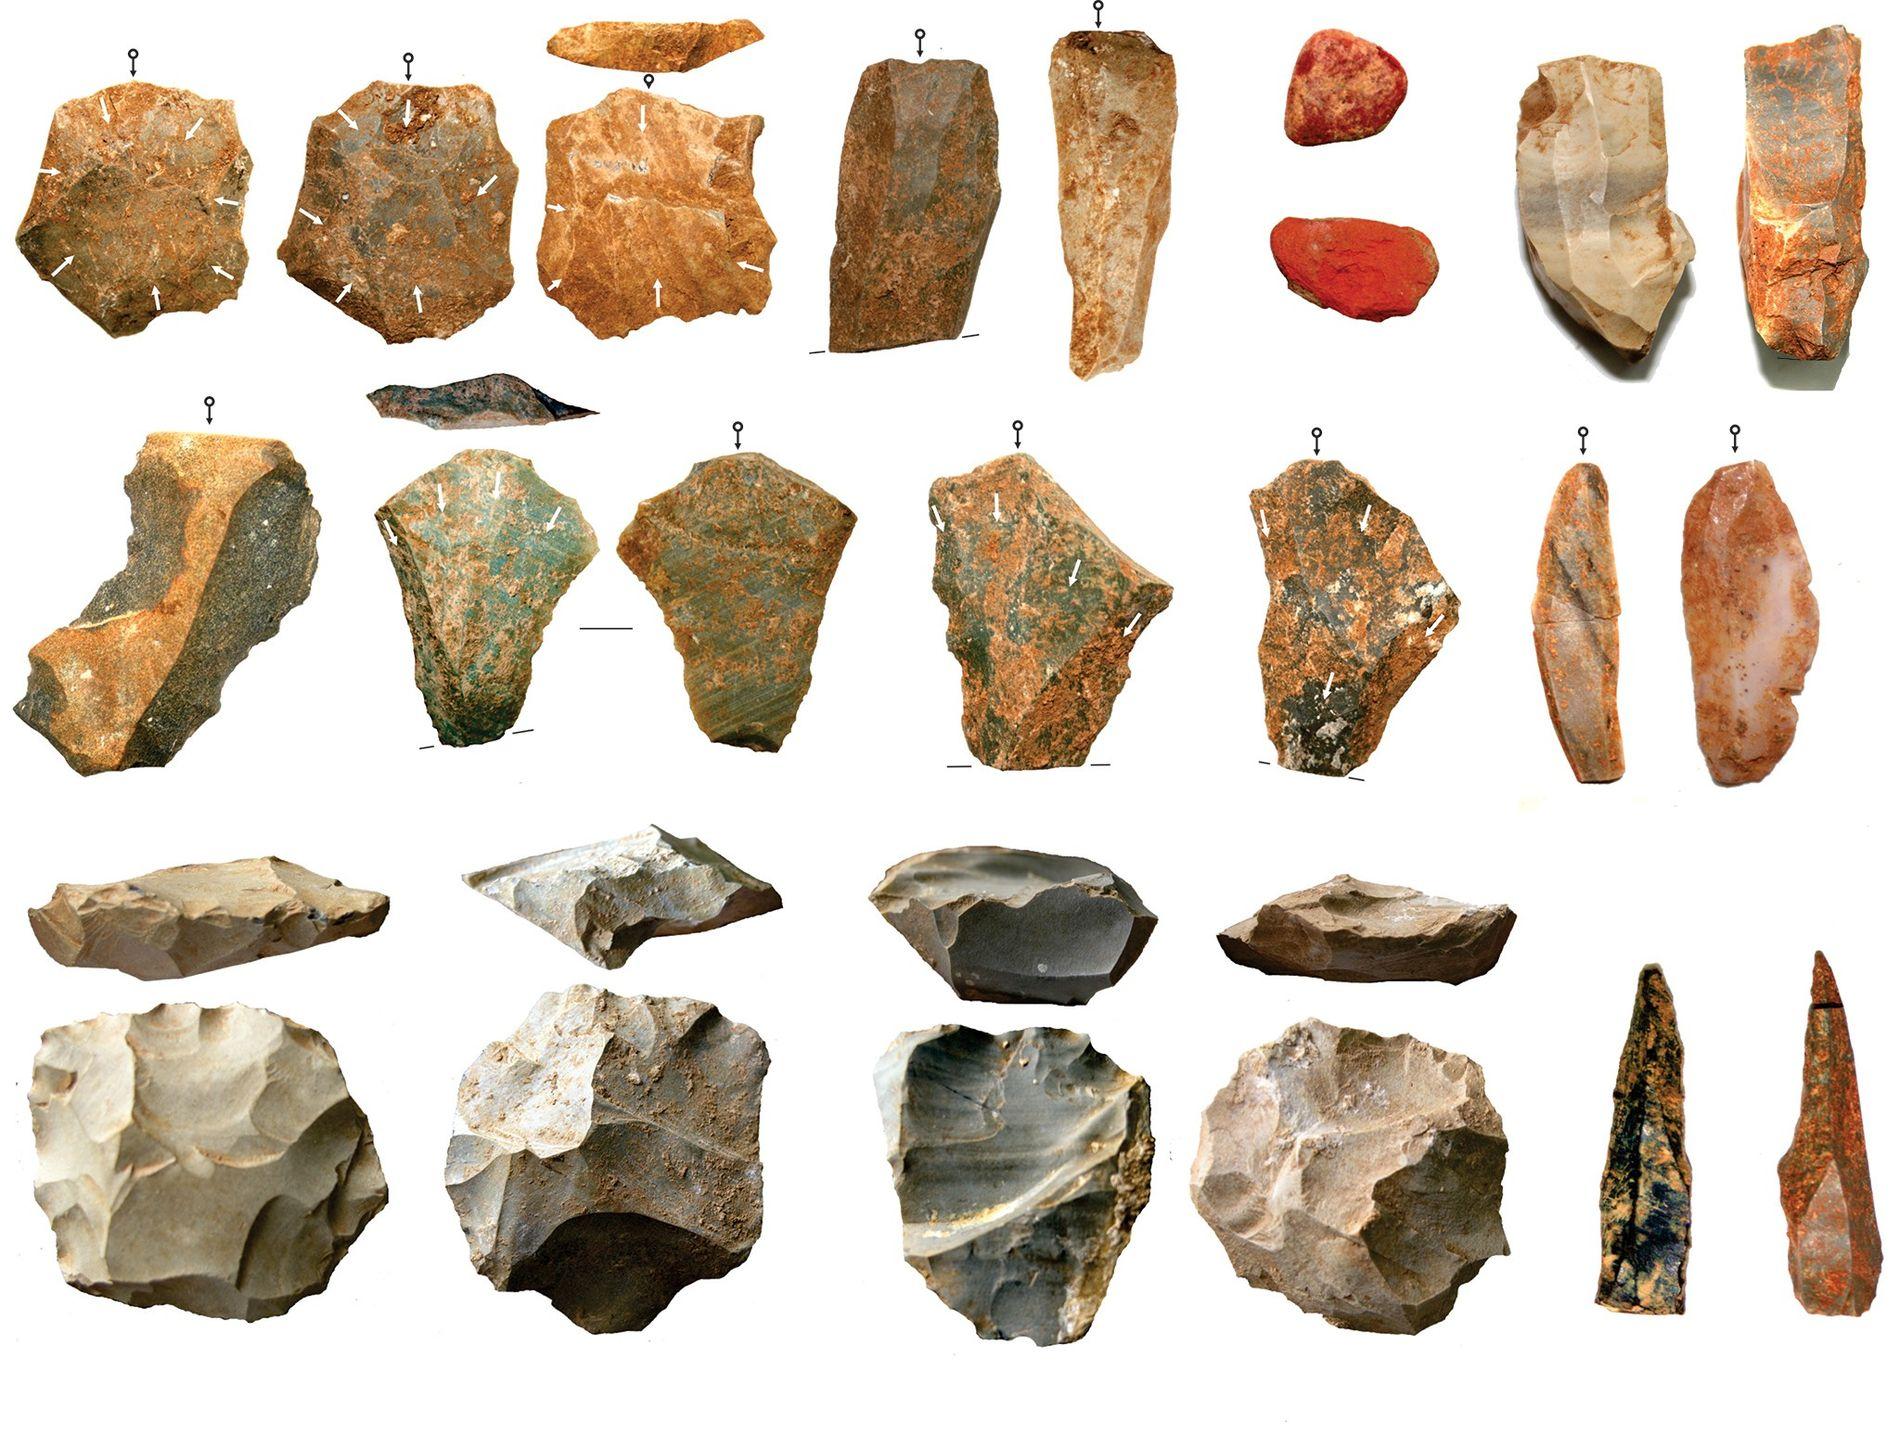 Pesquisadores relatam a descoberta de uma grande coleção de artefatos de pedra retirada de escavações arqueológicas ...